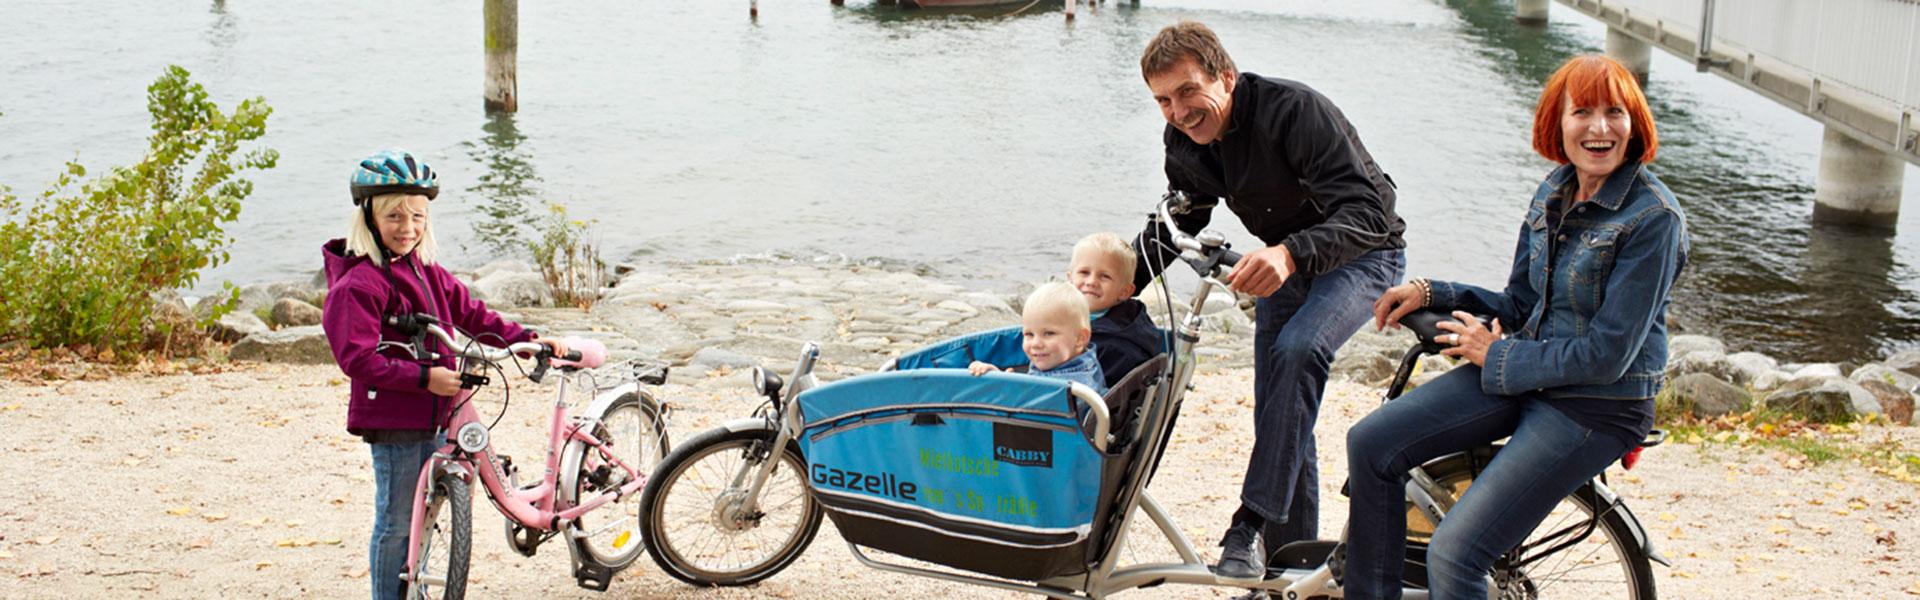 ferienhof-gomeringer-radfahren-header